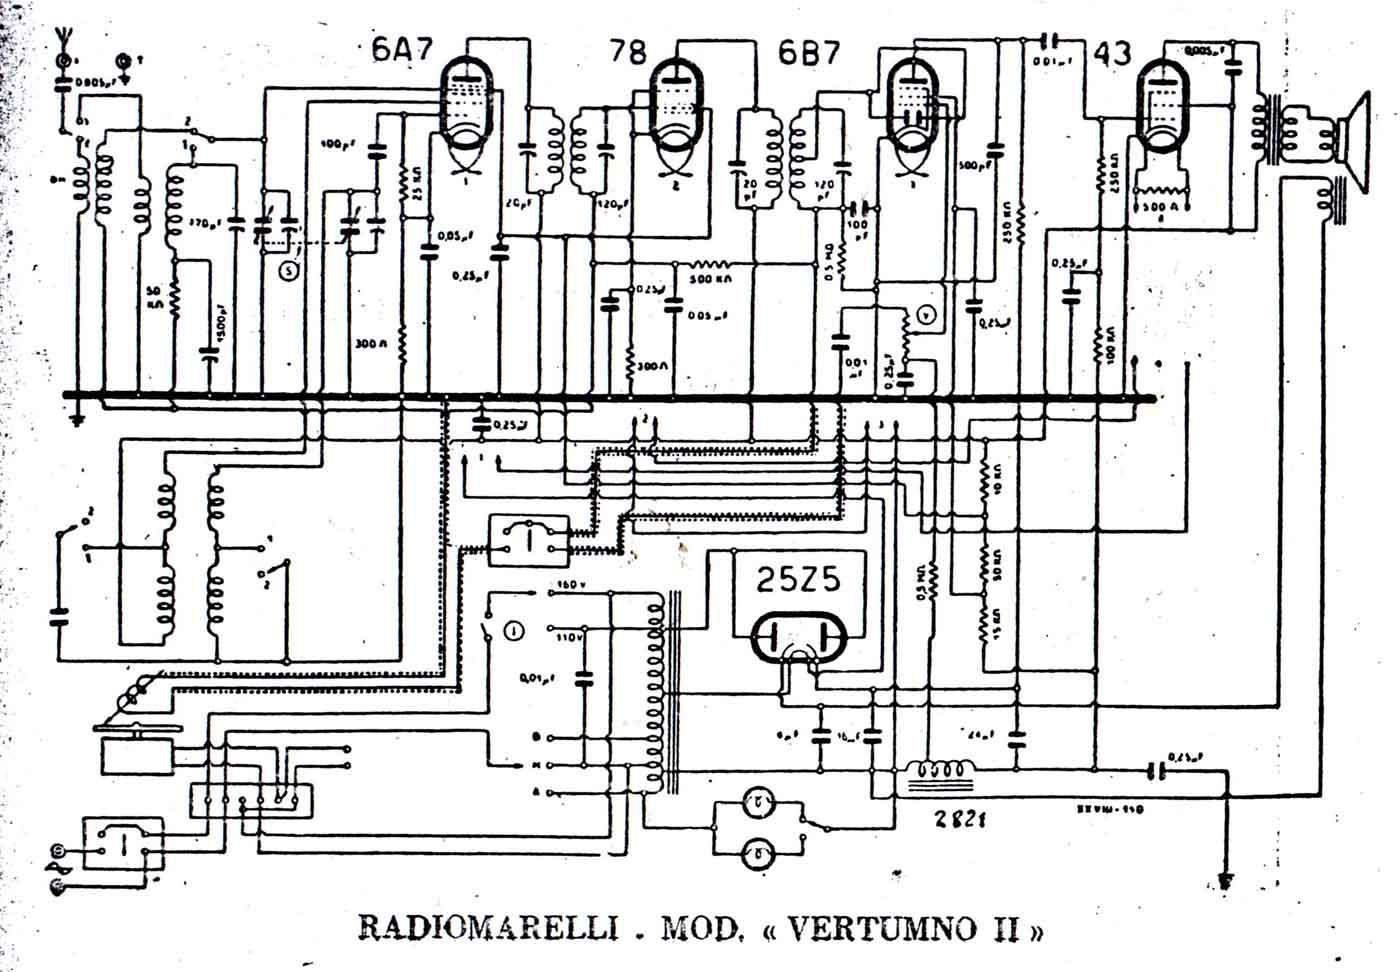 radiomarelli vertumno ii